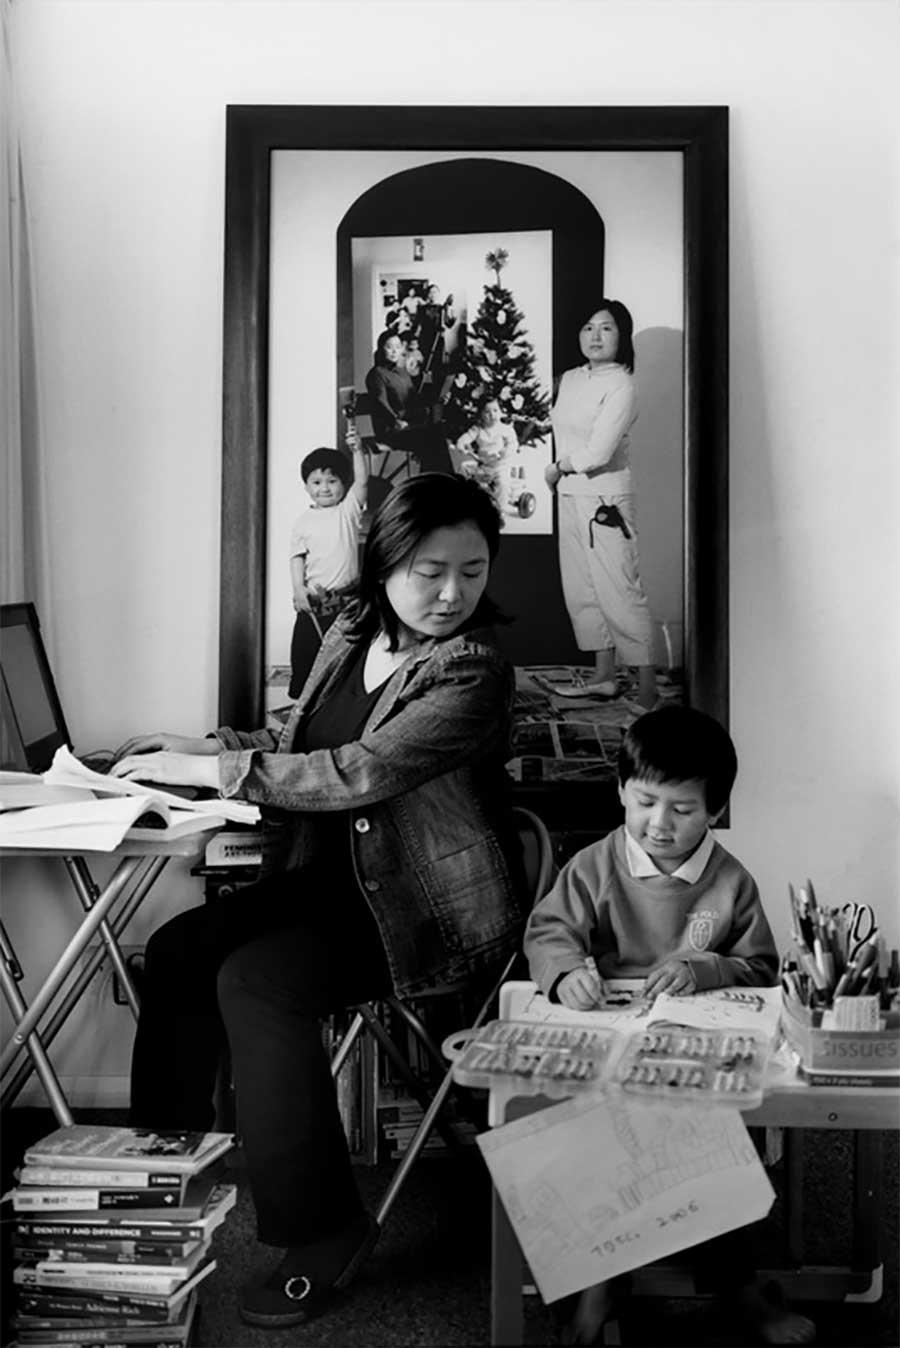 Mutter fügt 17 Jahre Bildebenen hinzu, die Sohn aufwachsen zeigen mutter-17-jahre-foto-in-foto_07